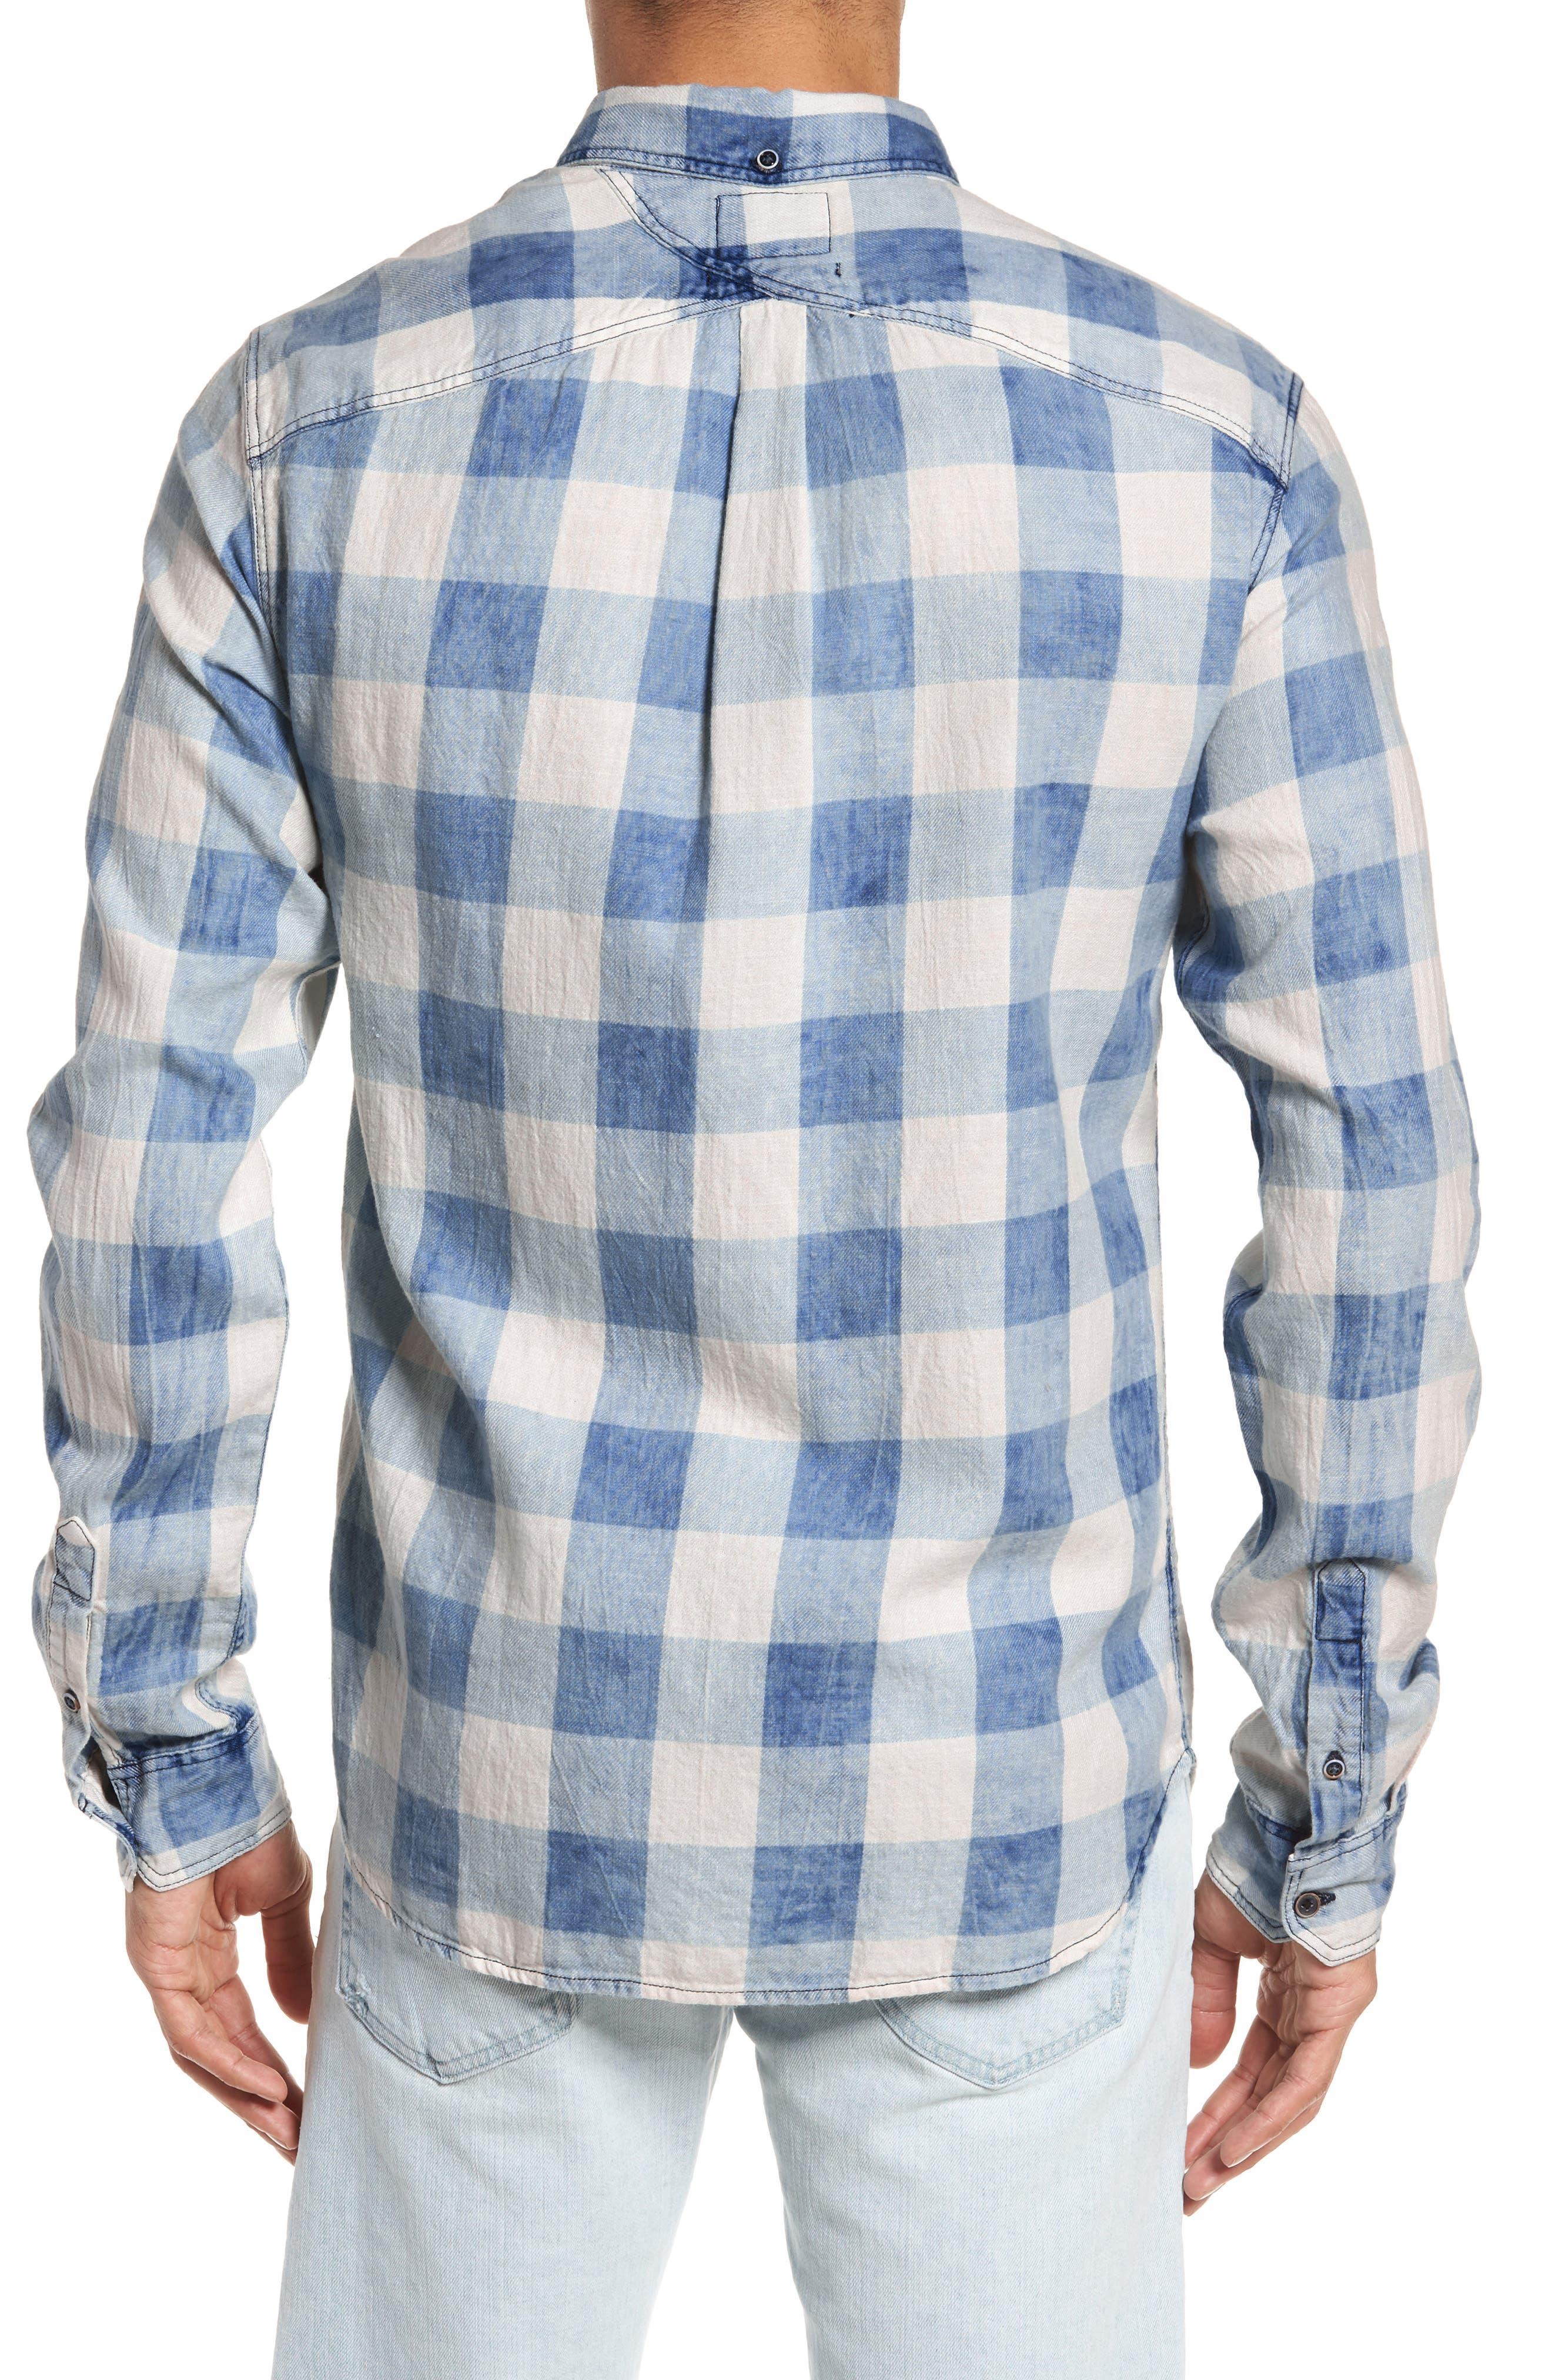 Amsterdams Blauw Check Shirt,                             Alternate thumbnail 2, color,                             400